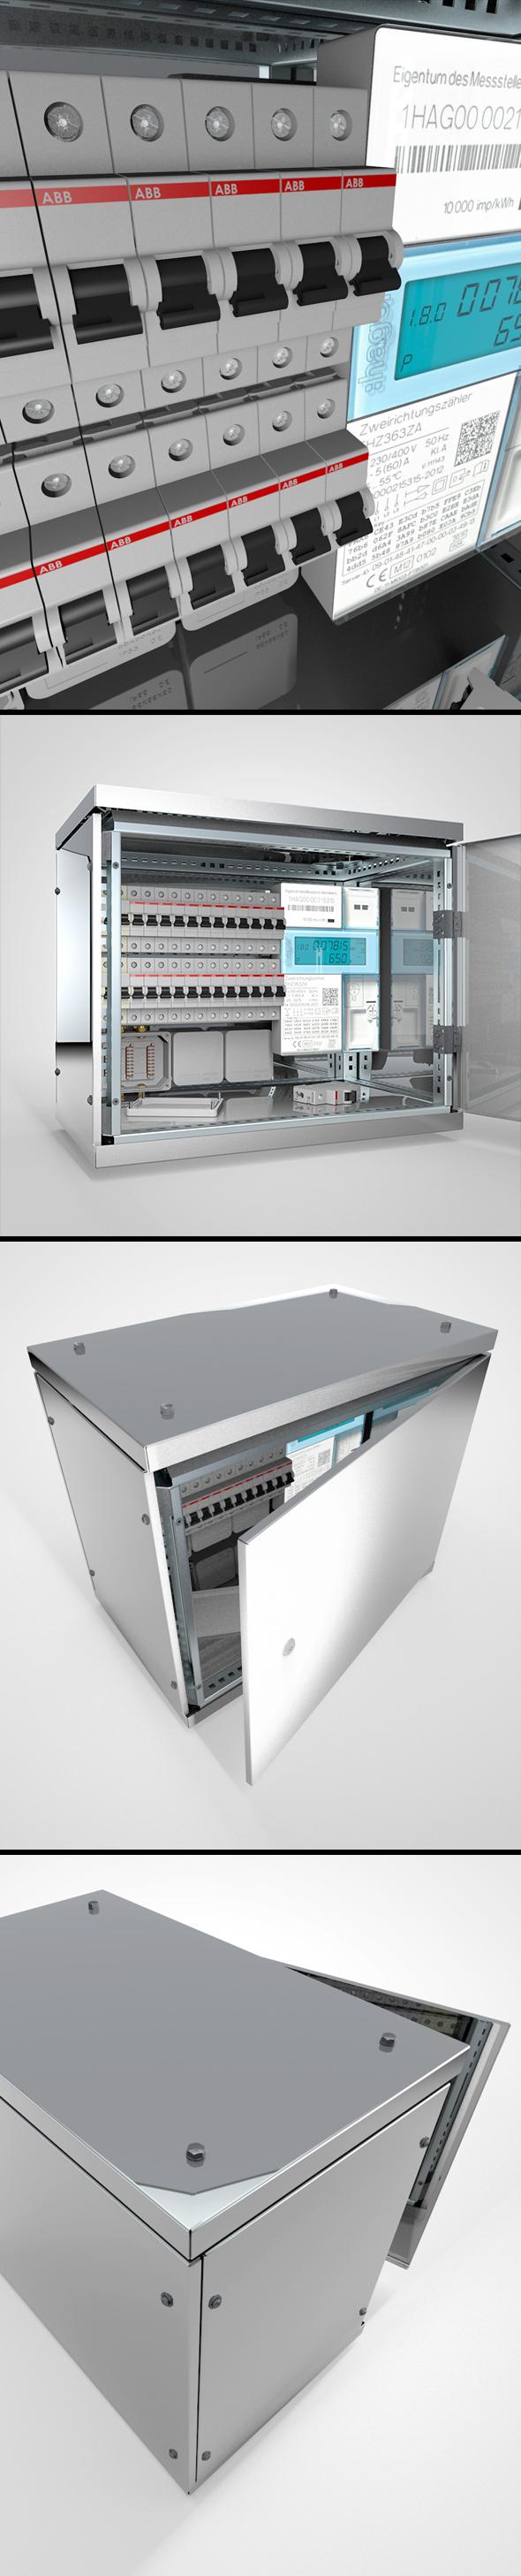 Sicherungskasten / Fusebox - 3DOcean Item for Sale